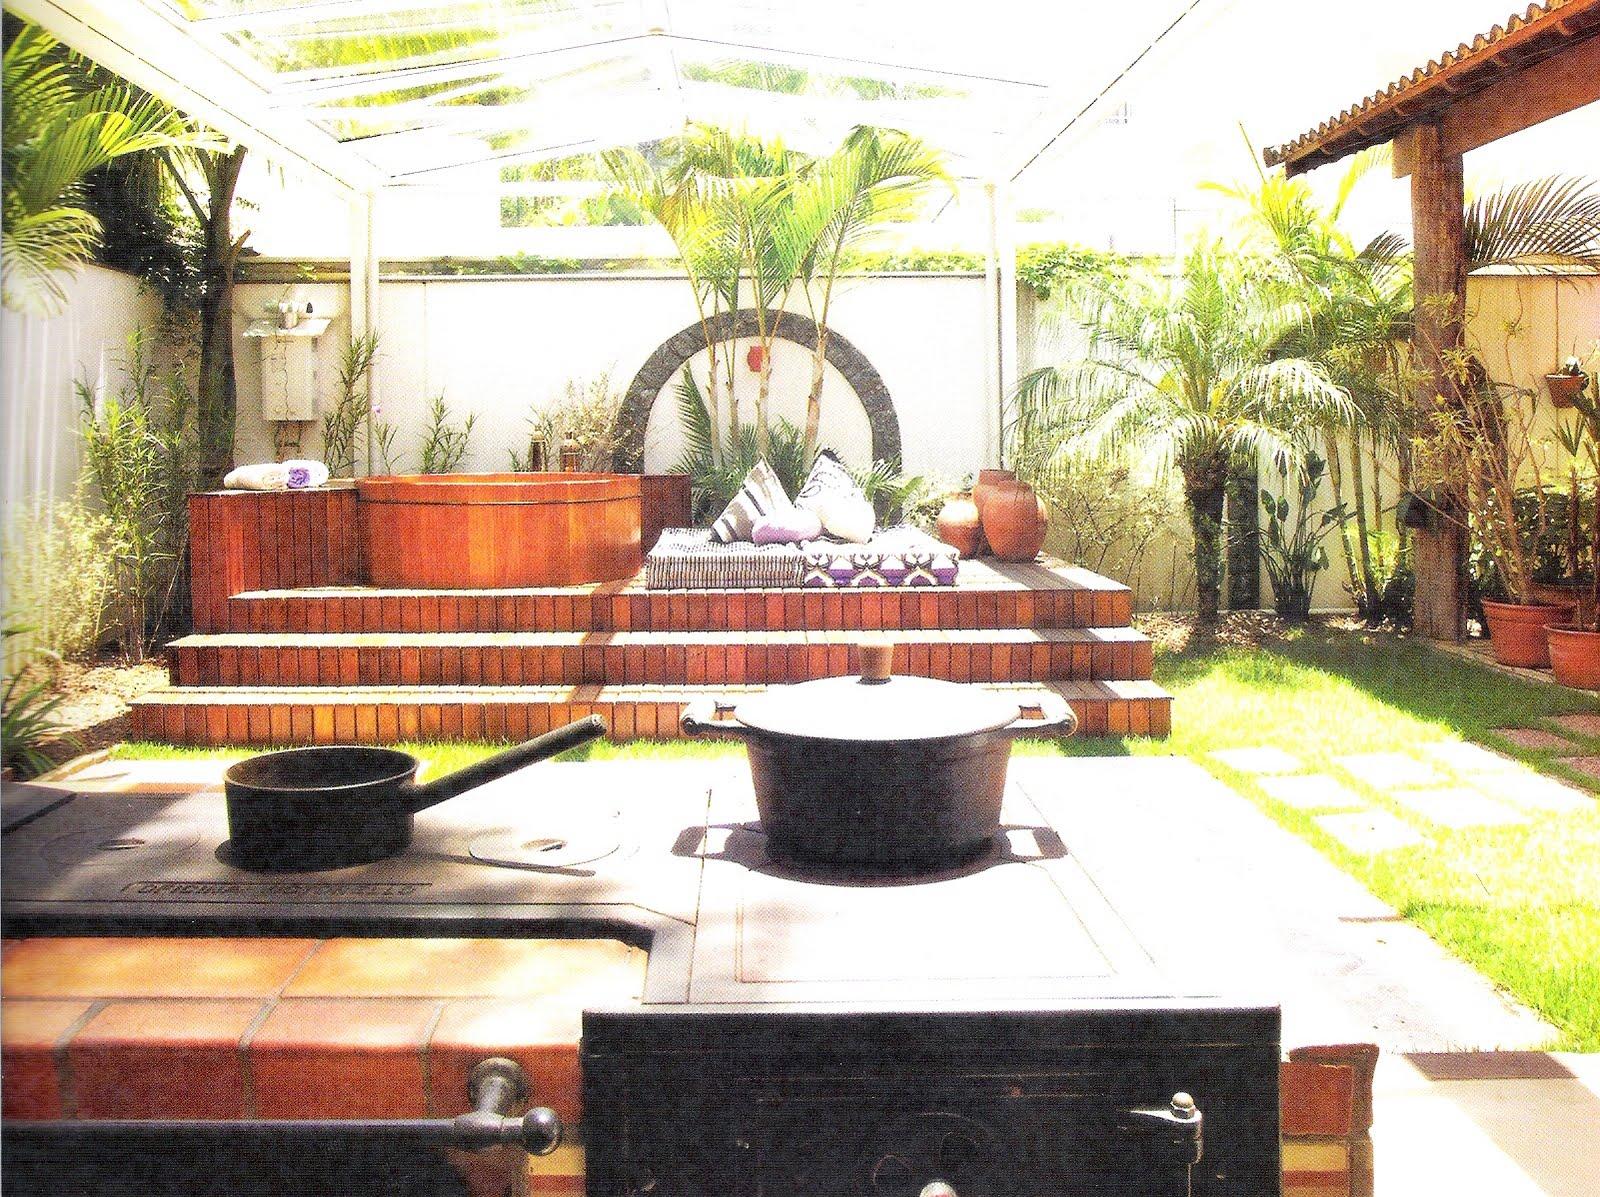 Piscinas Com Deck De Madeira Piscinas De Fibra Com Deck De Madeira #A2AC1F 1600 1197